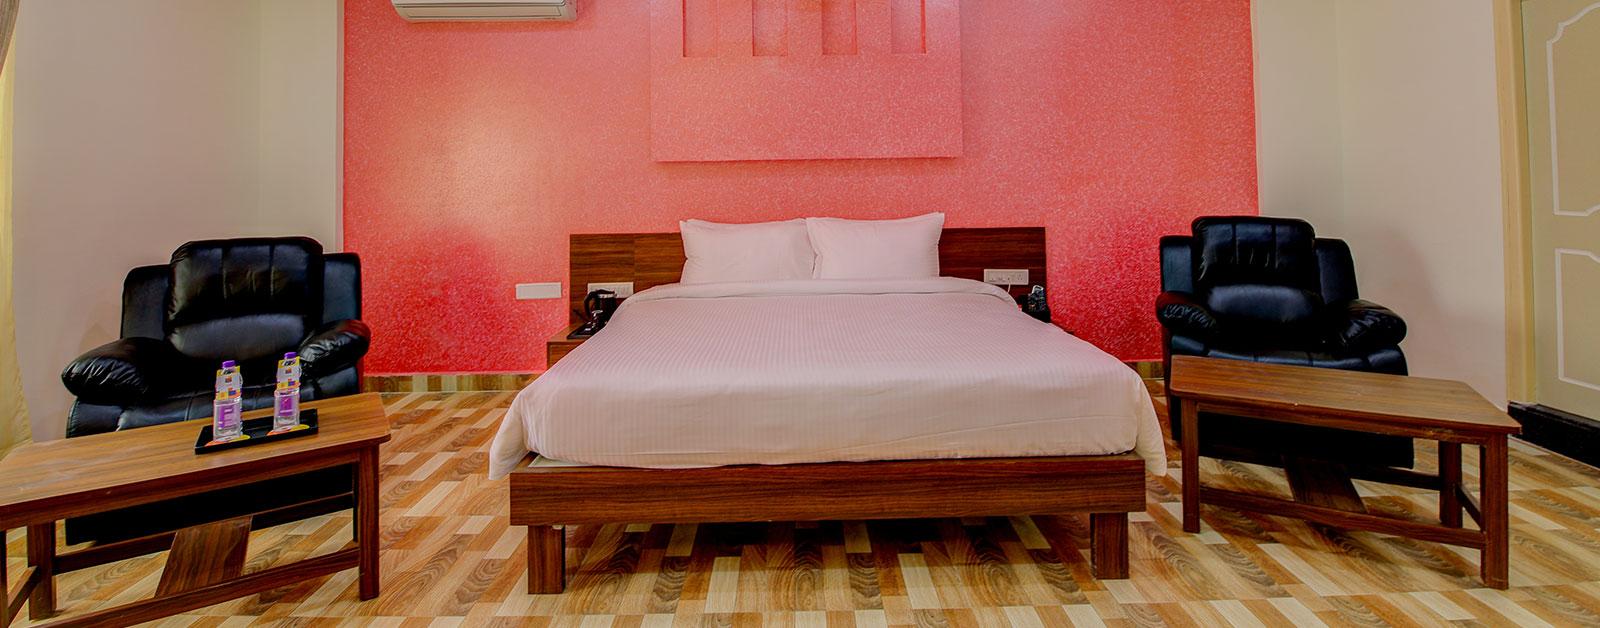 Hotel rooms in Kolar District